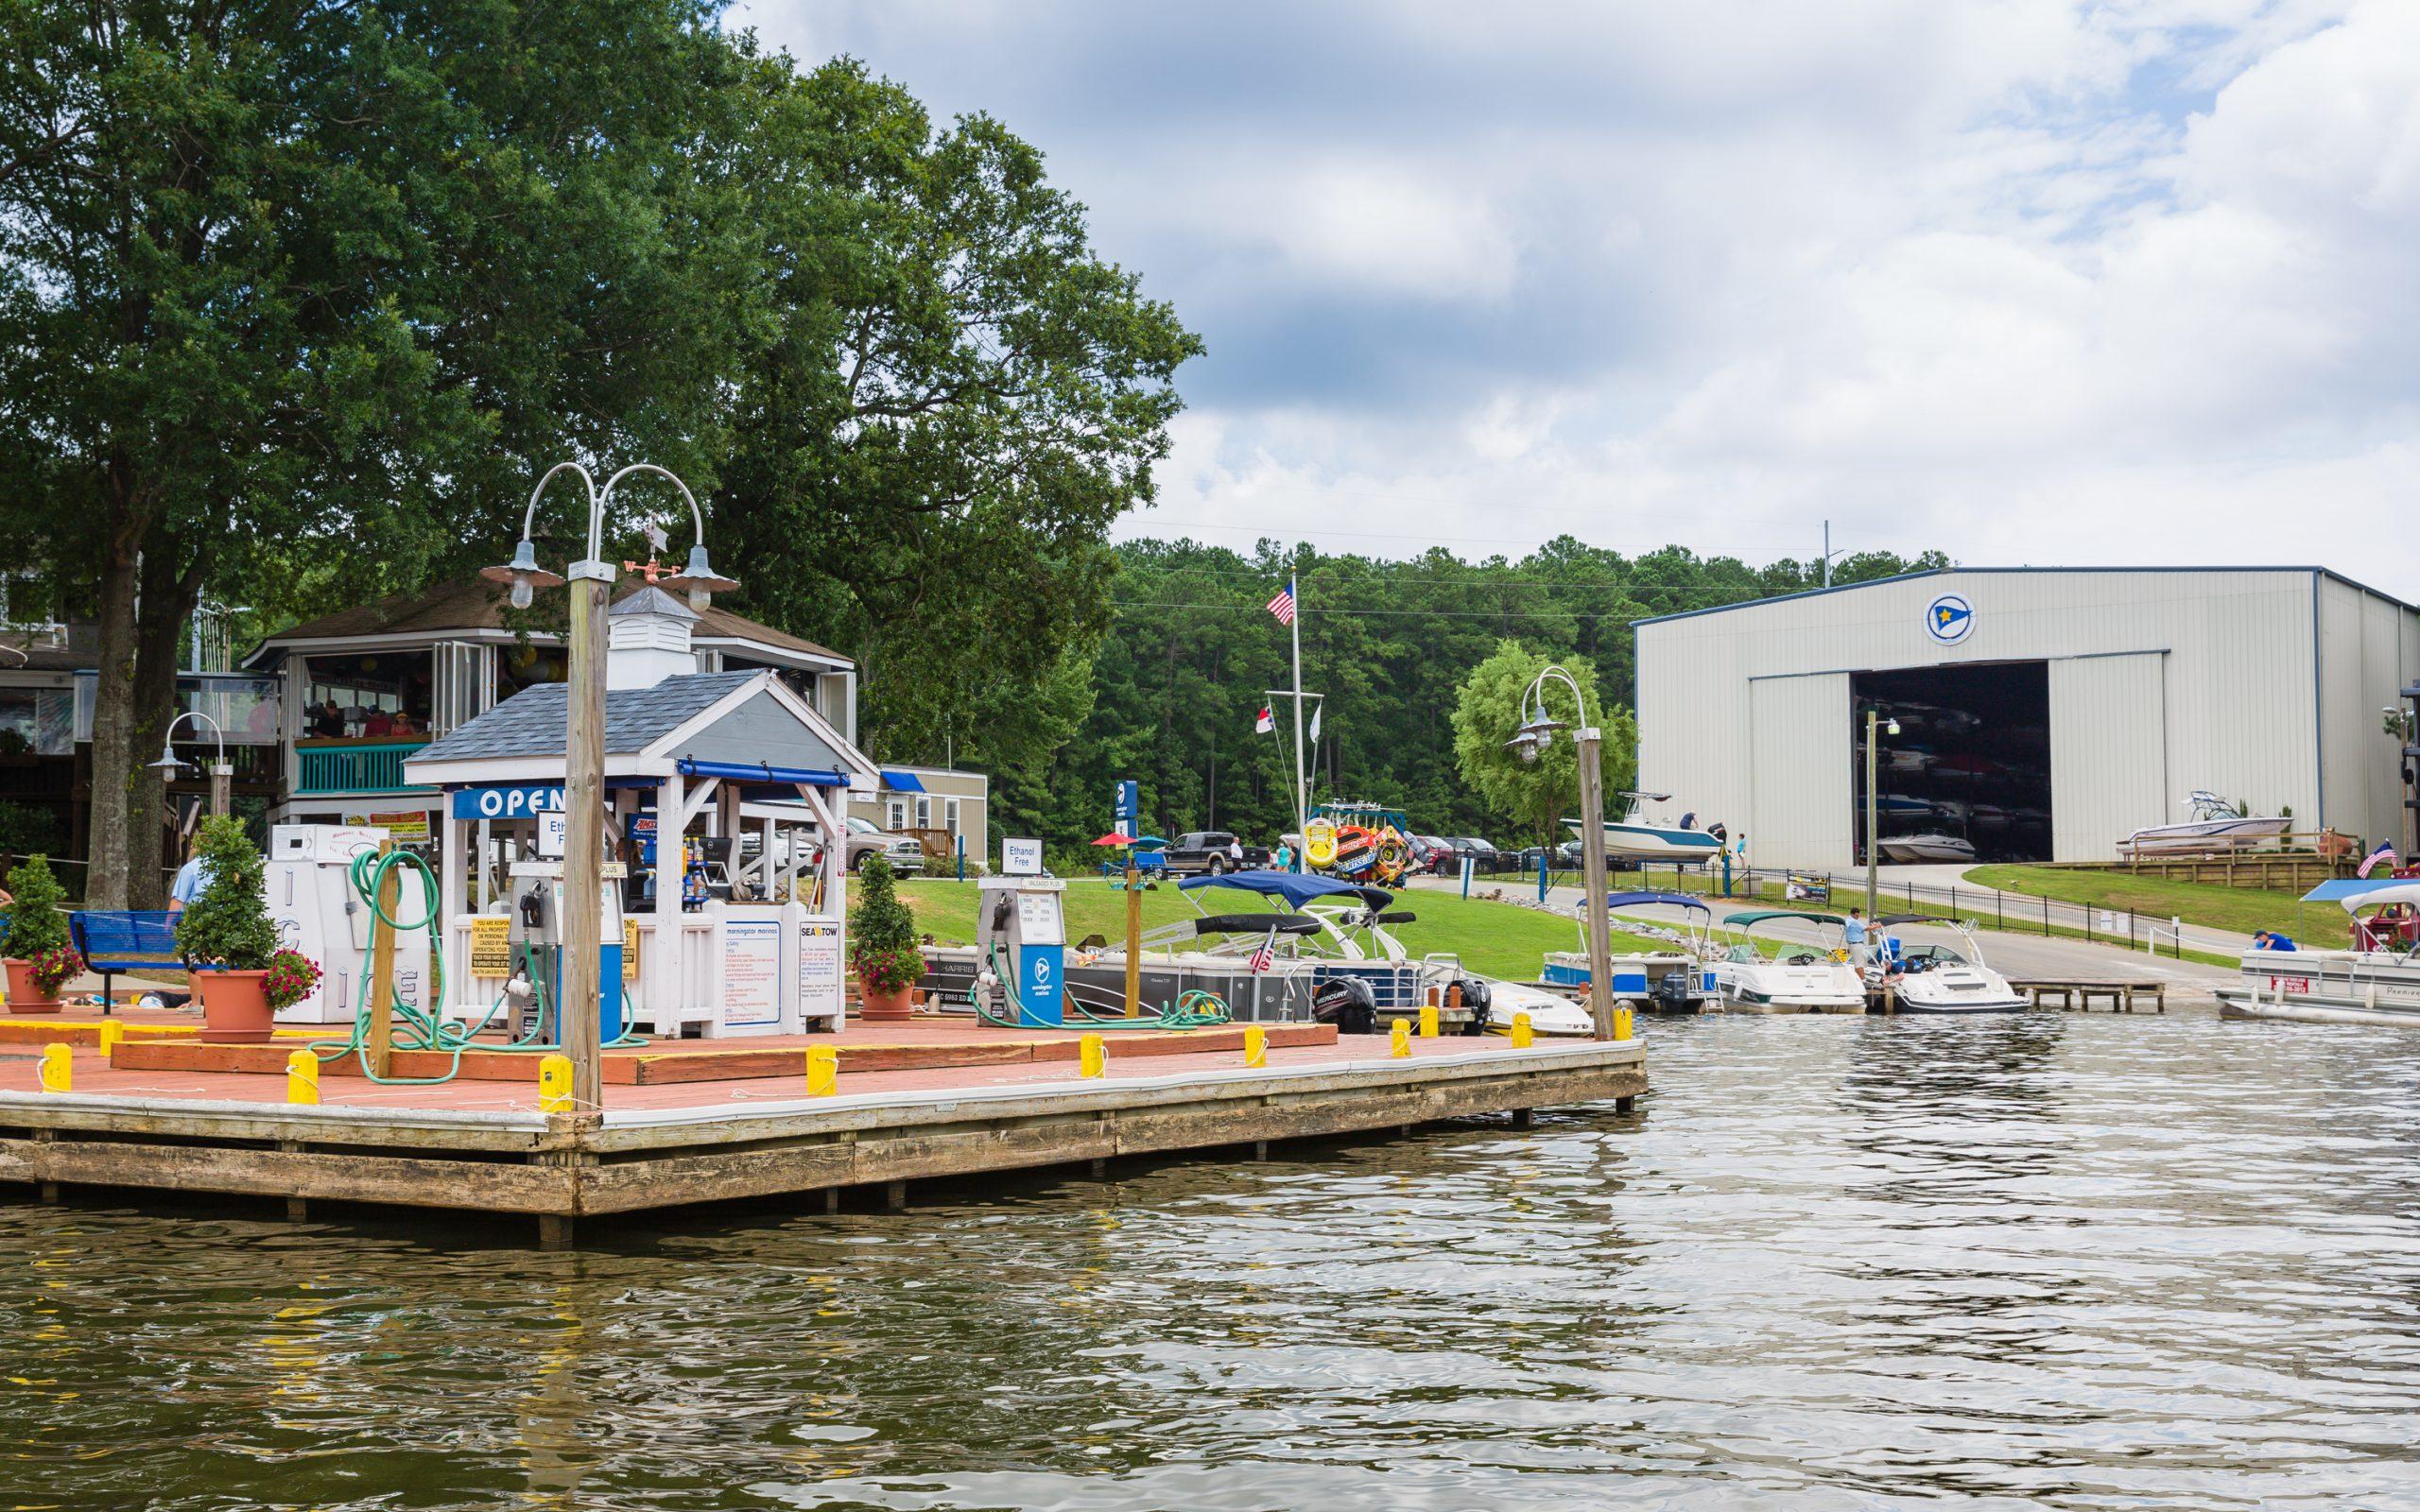 lake gas pump and docked boats at Eaton Ferry marina